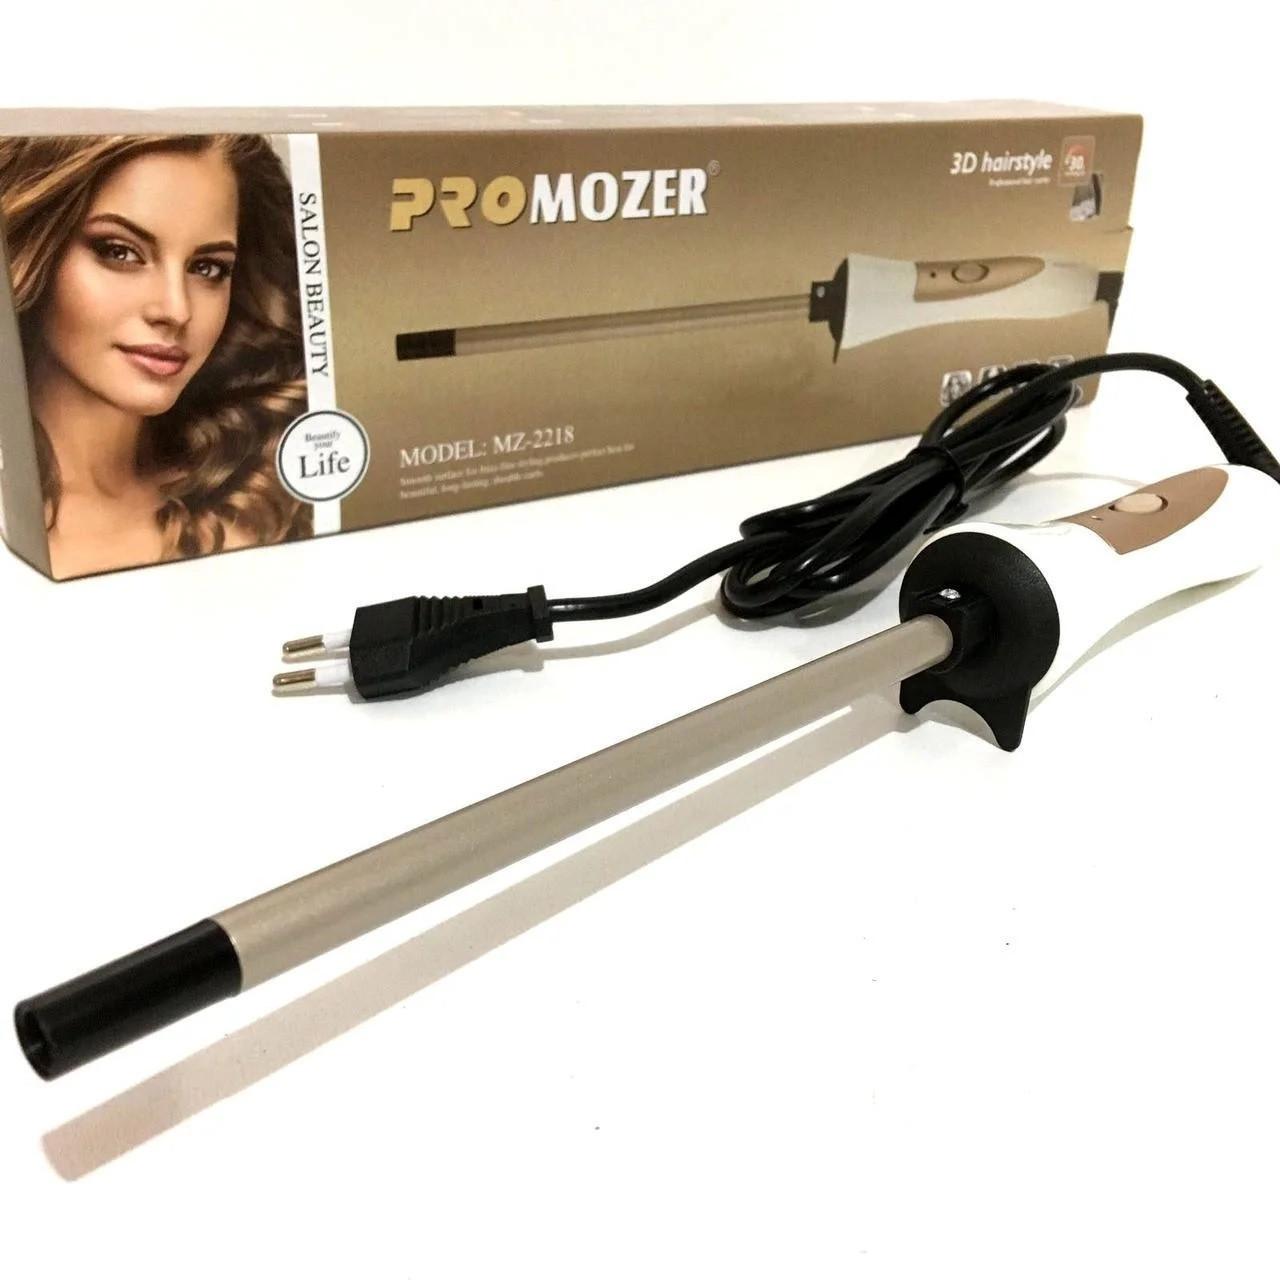 Плойка для завивки волосся ProMozer 9 мм — MZ 2218